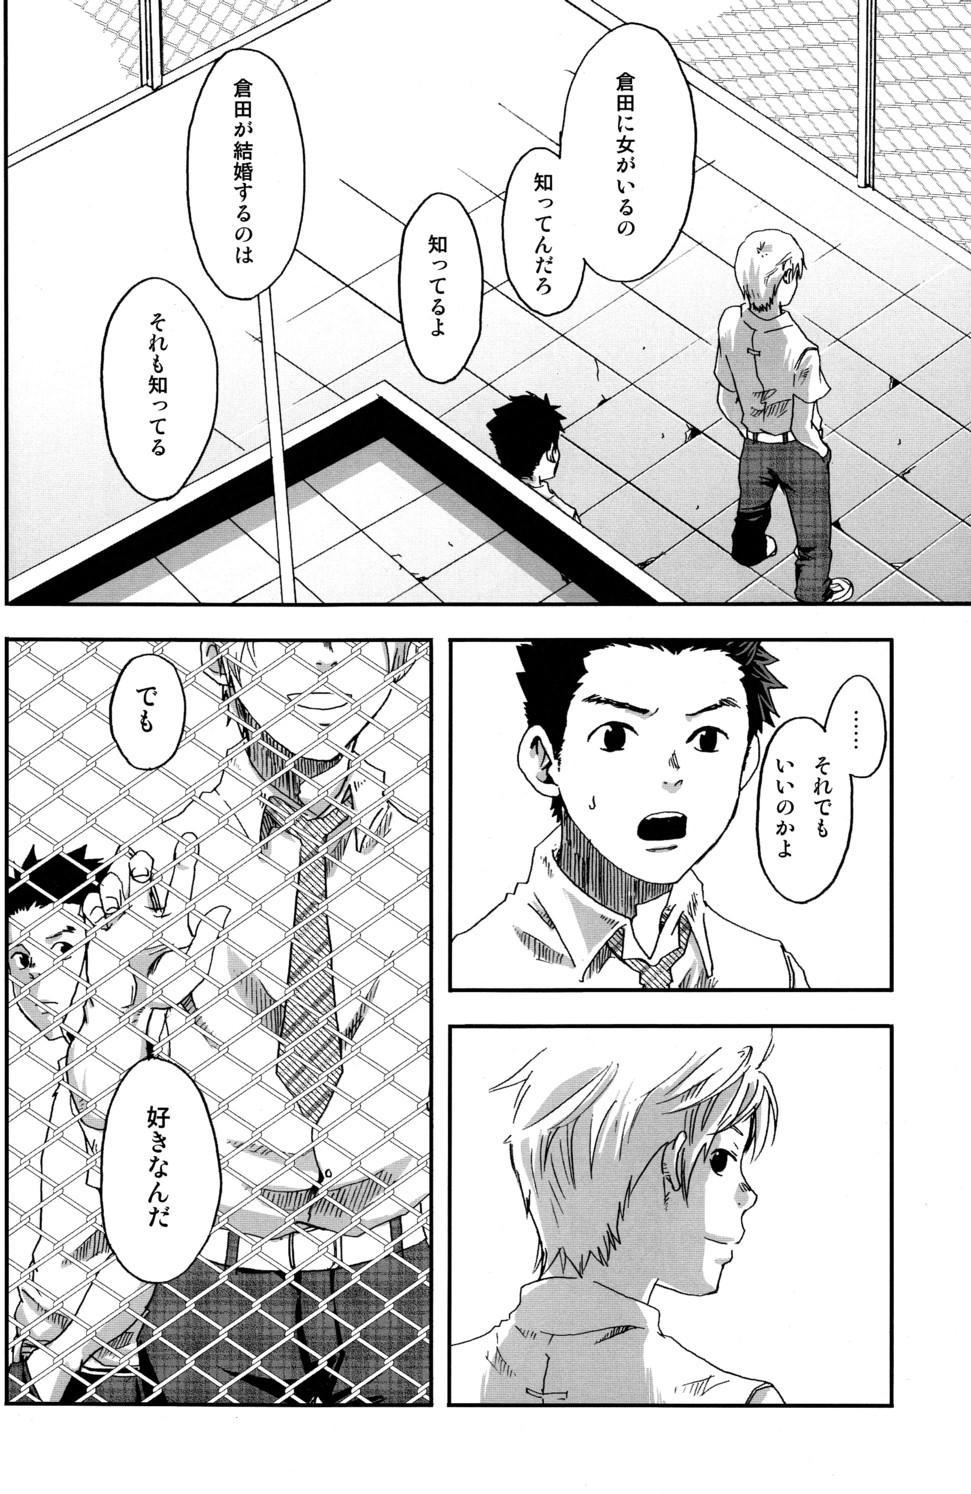 (C78) [Box (Tsukumo Gou)] 【19号(つくも号)】そう言って君は笑うSou Itte Kimi wa Warau 35